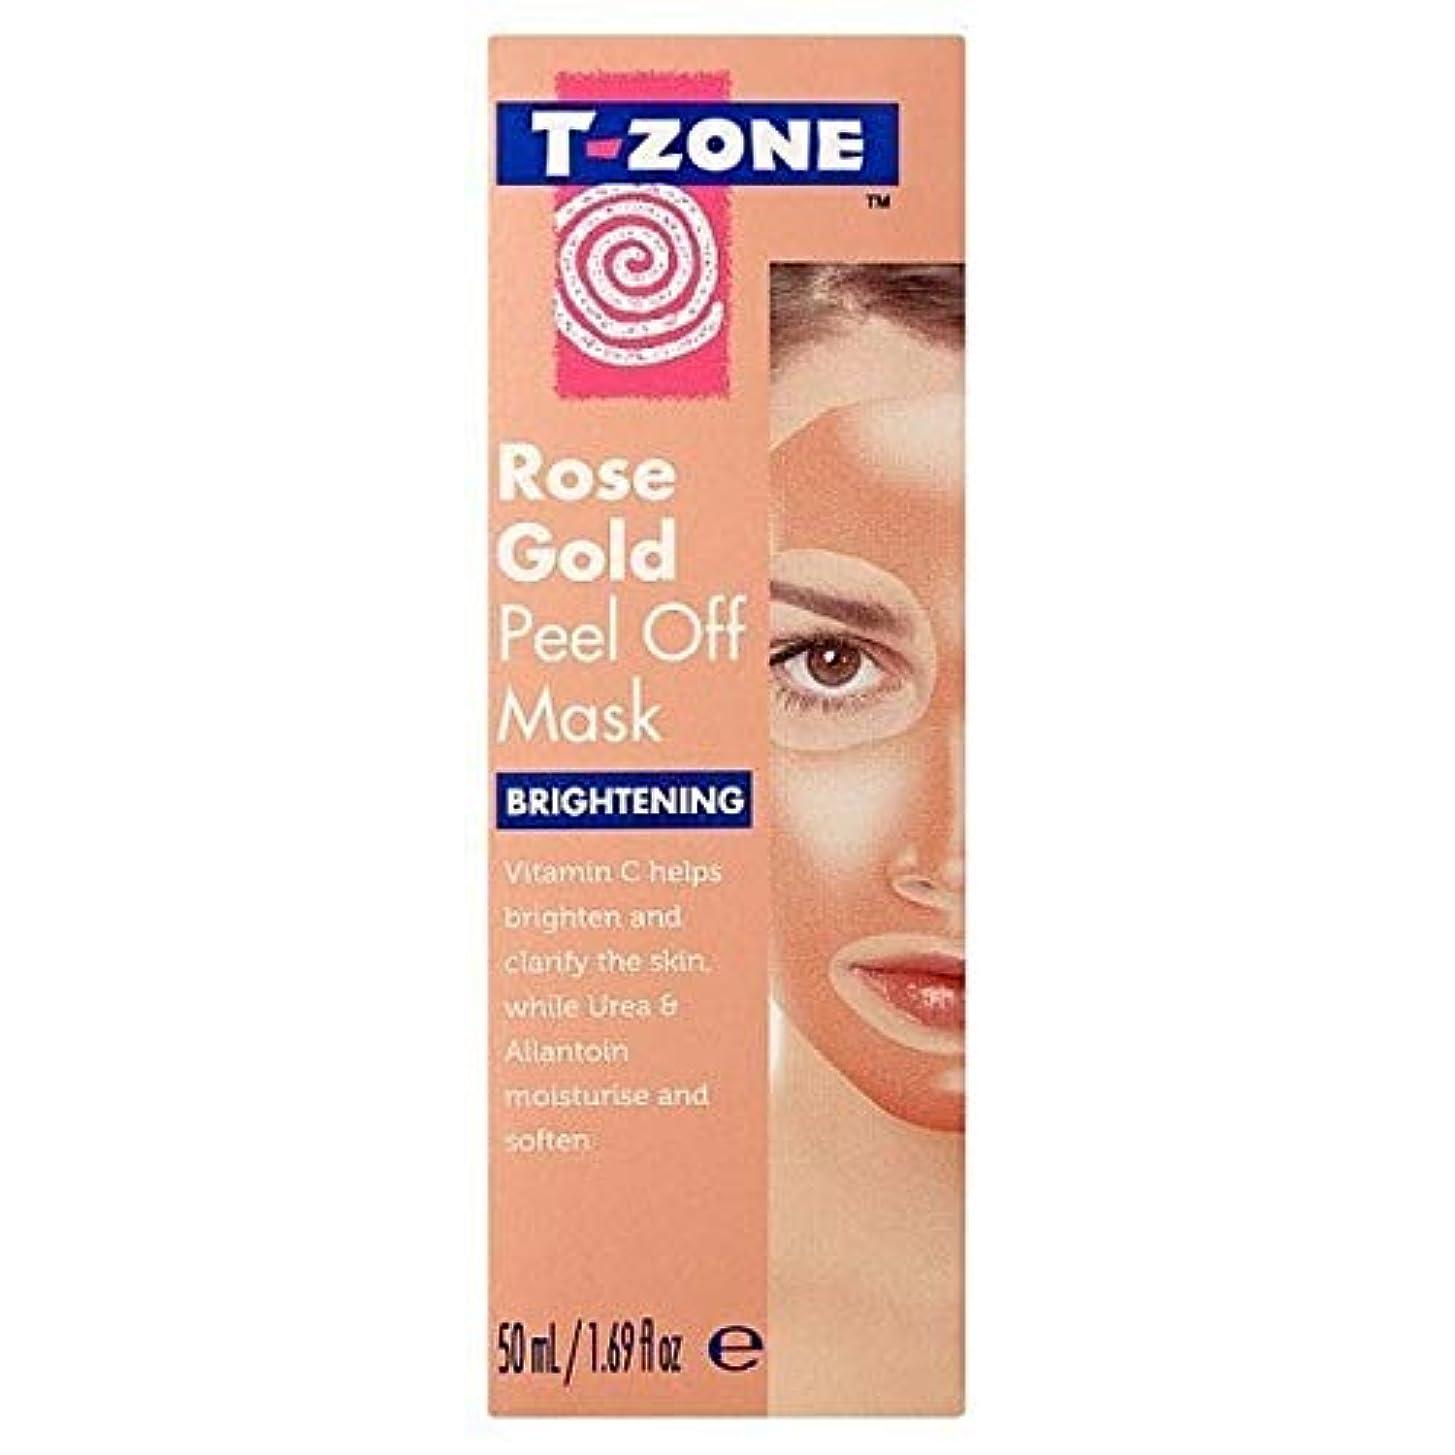 数学的なアソシエイトサイレント[T-Zone] Tゾーンは、金マスク50ミリリットルを明るくはがしバラ - T-Zone Rose Gold Peel Off Brightening Mask 50ml [並行輸入品]